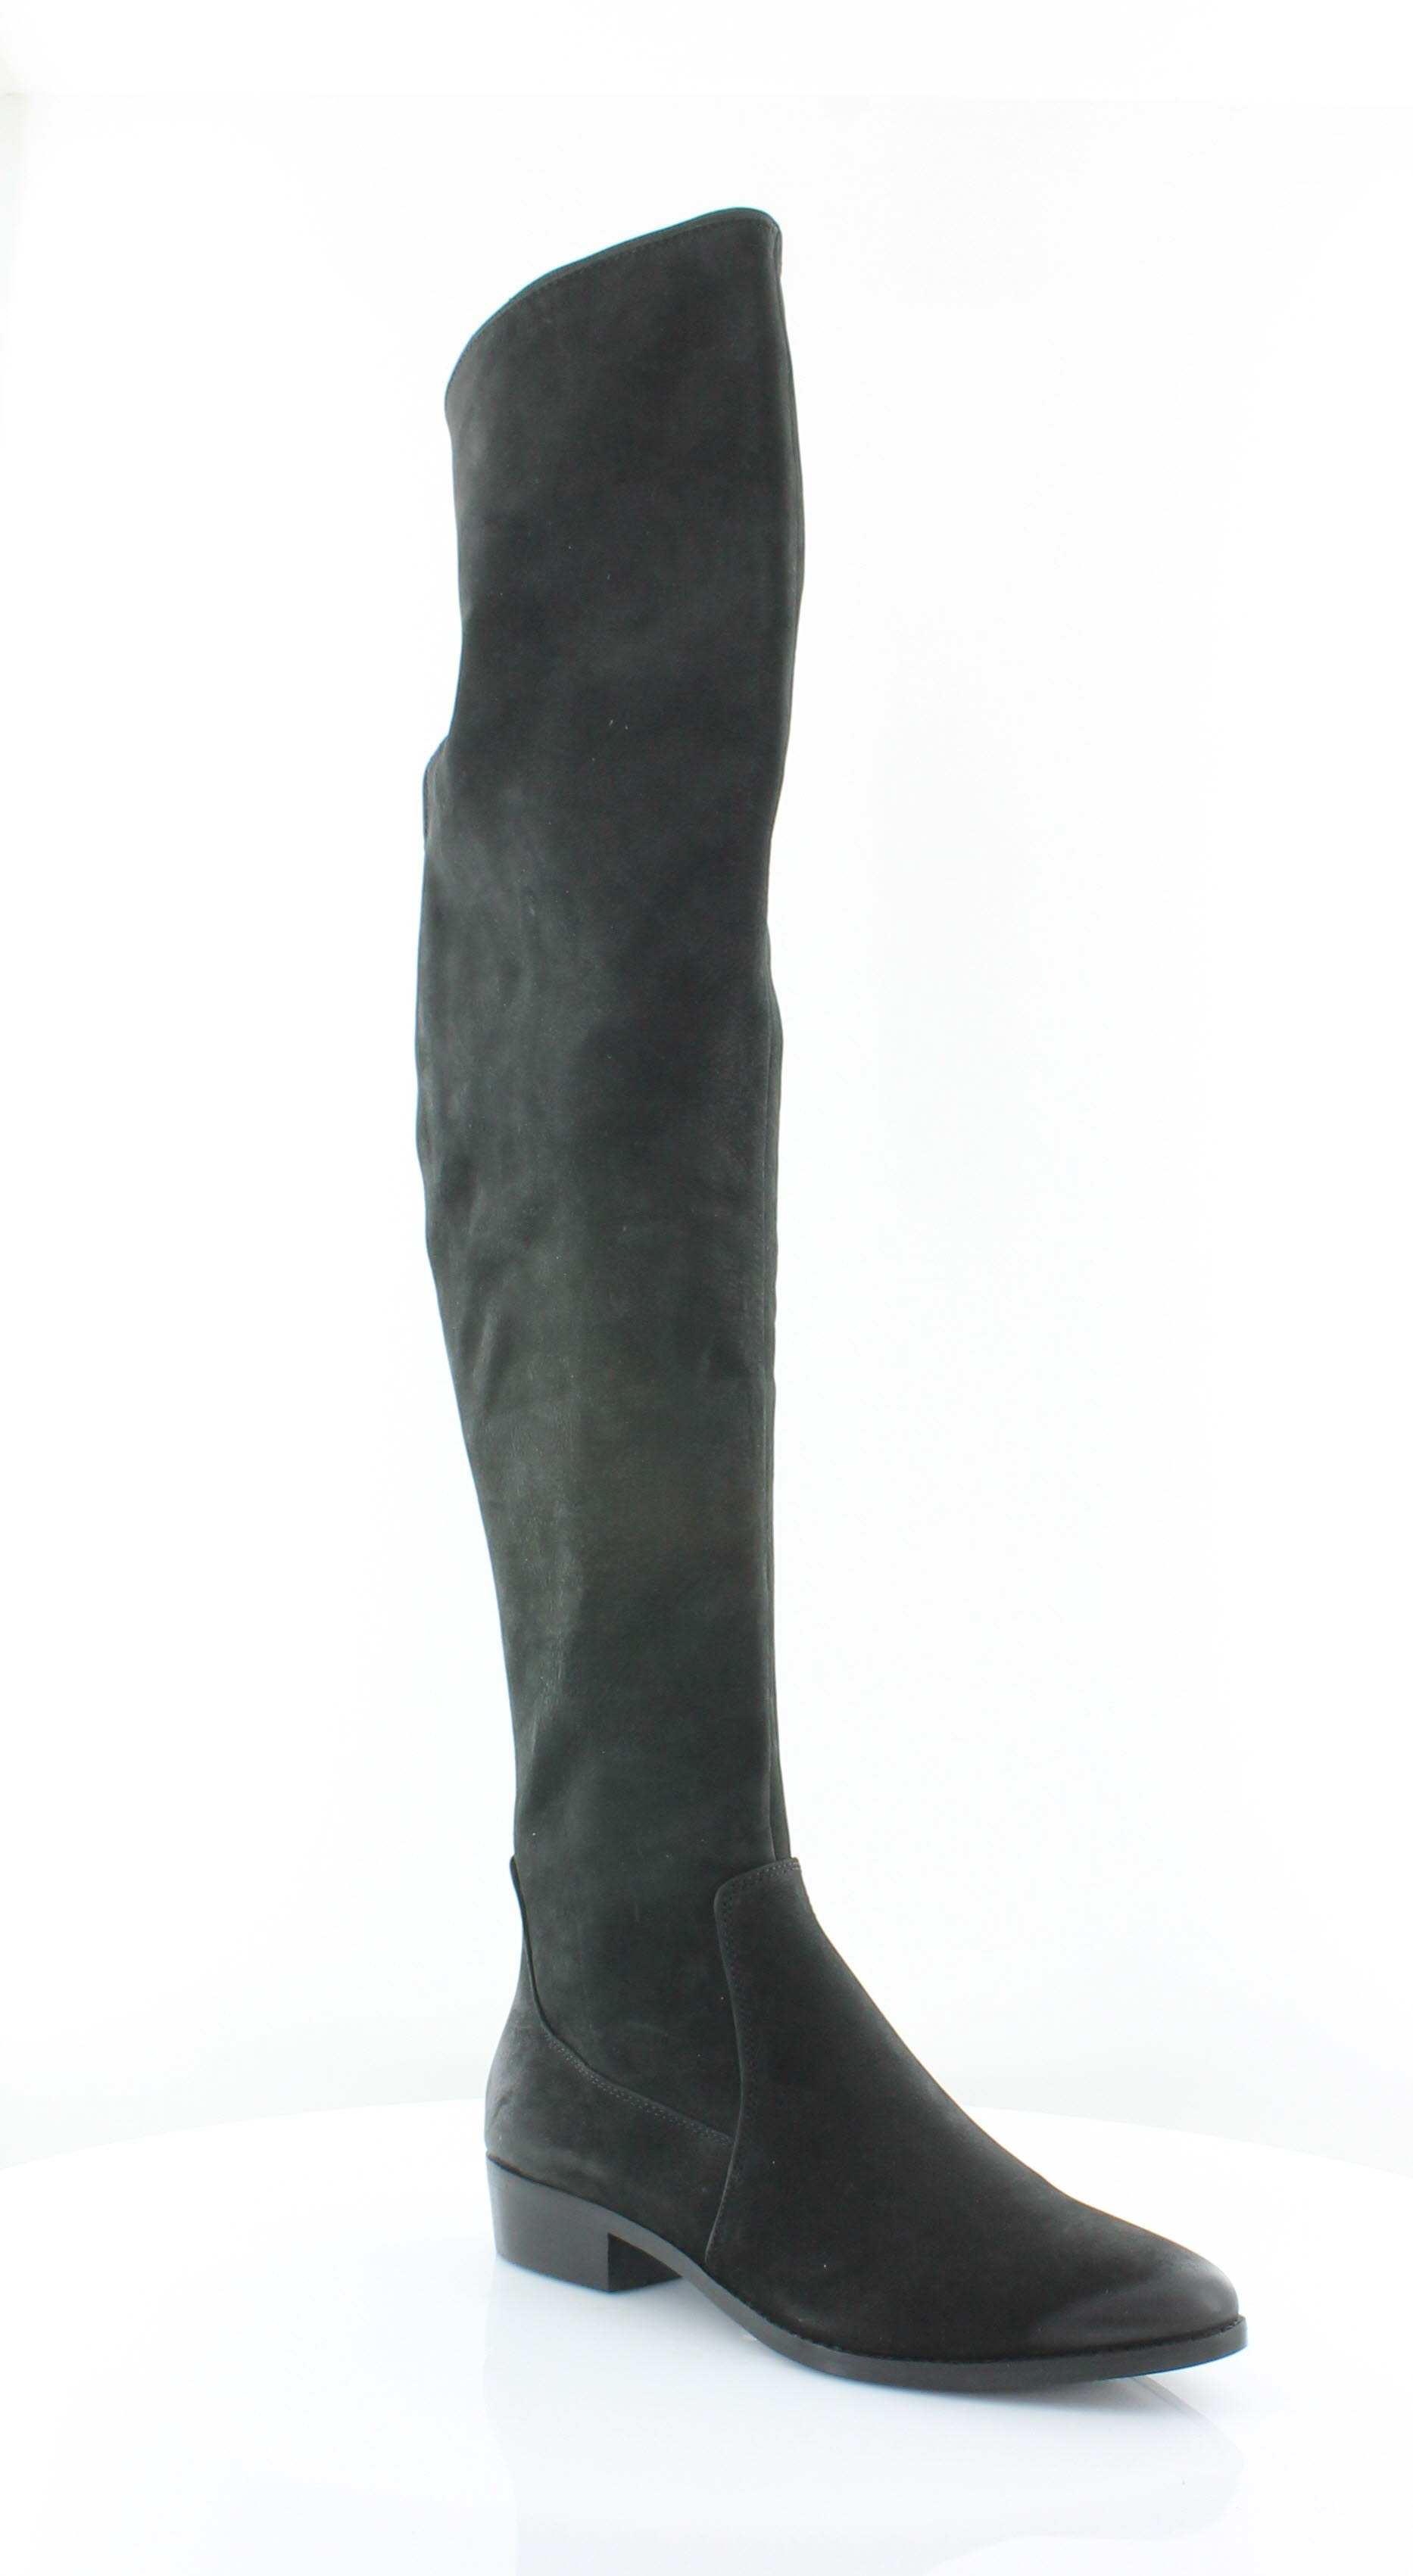 e87c8975422 Aldo Chiaverini Women s Boots Black